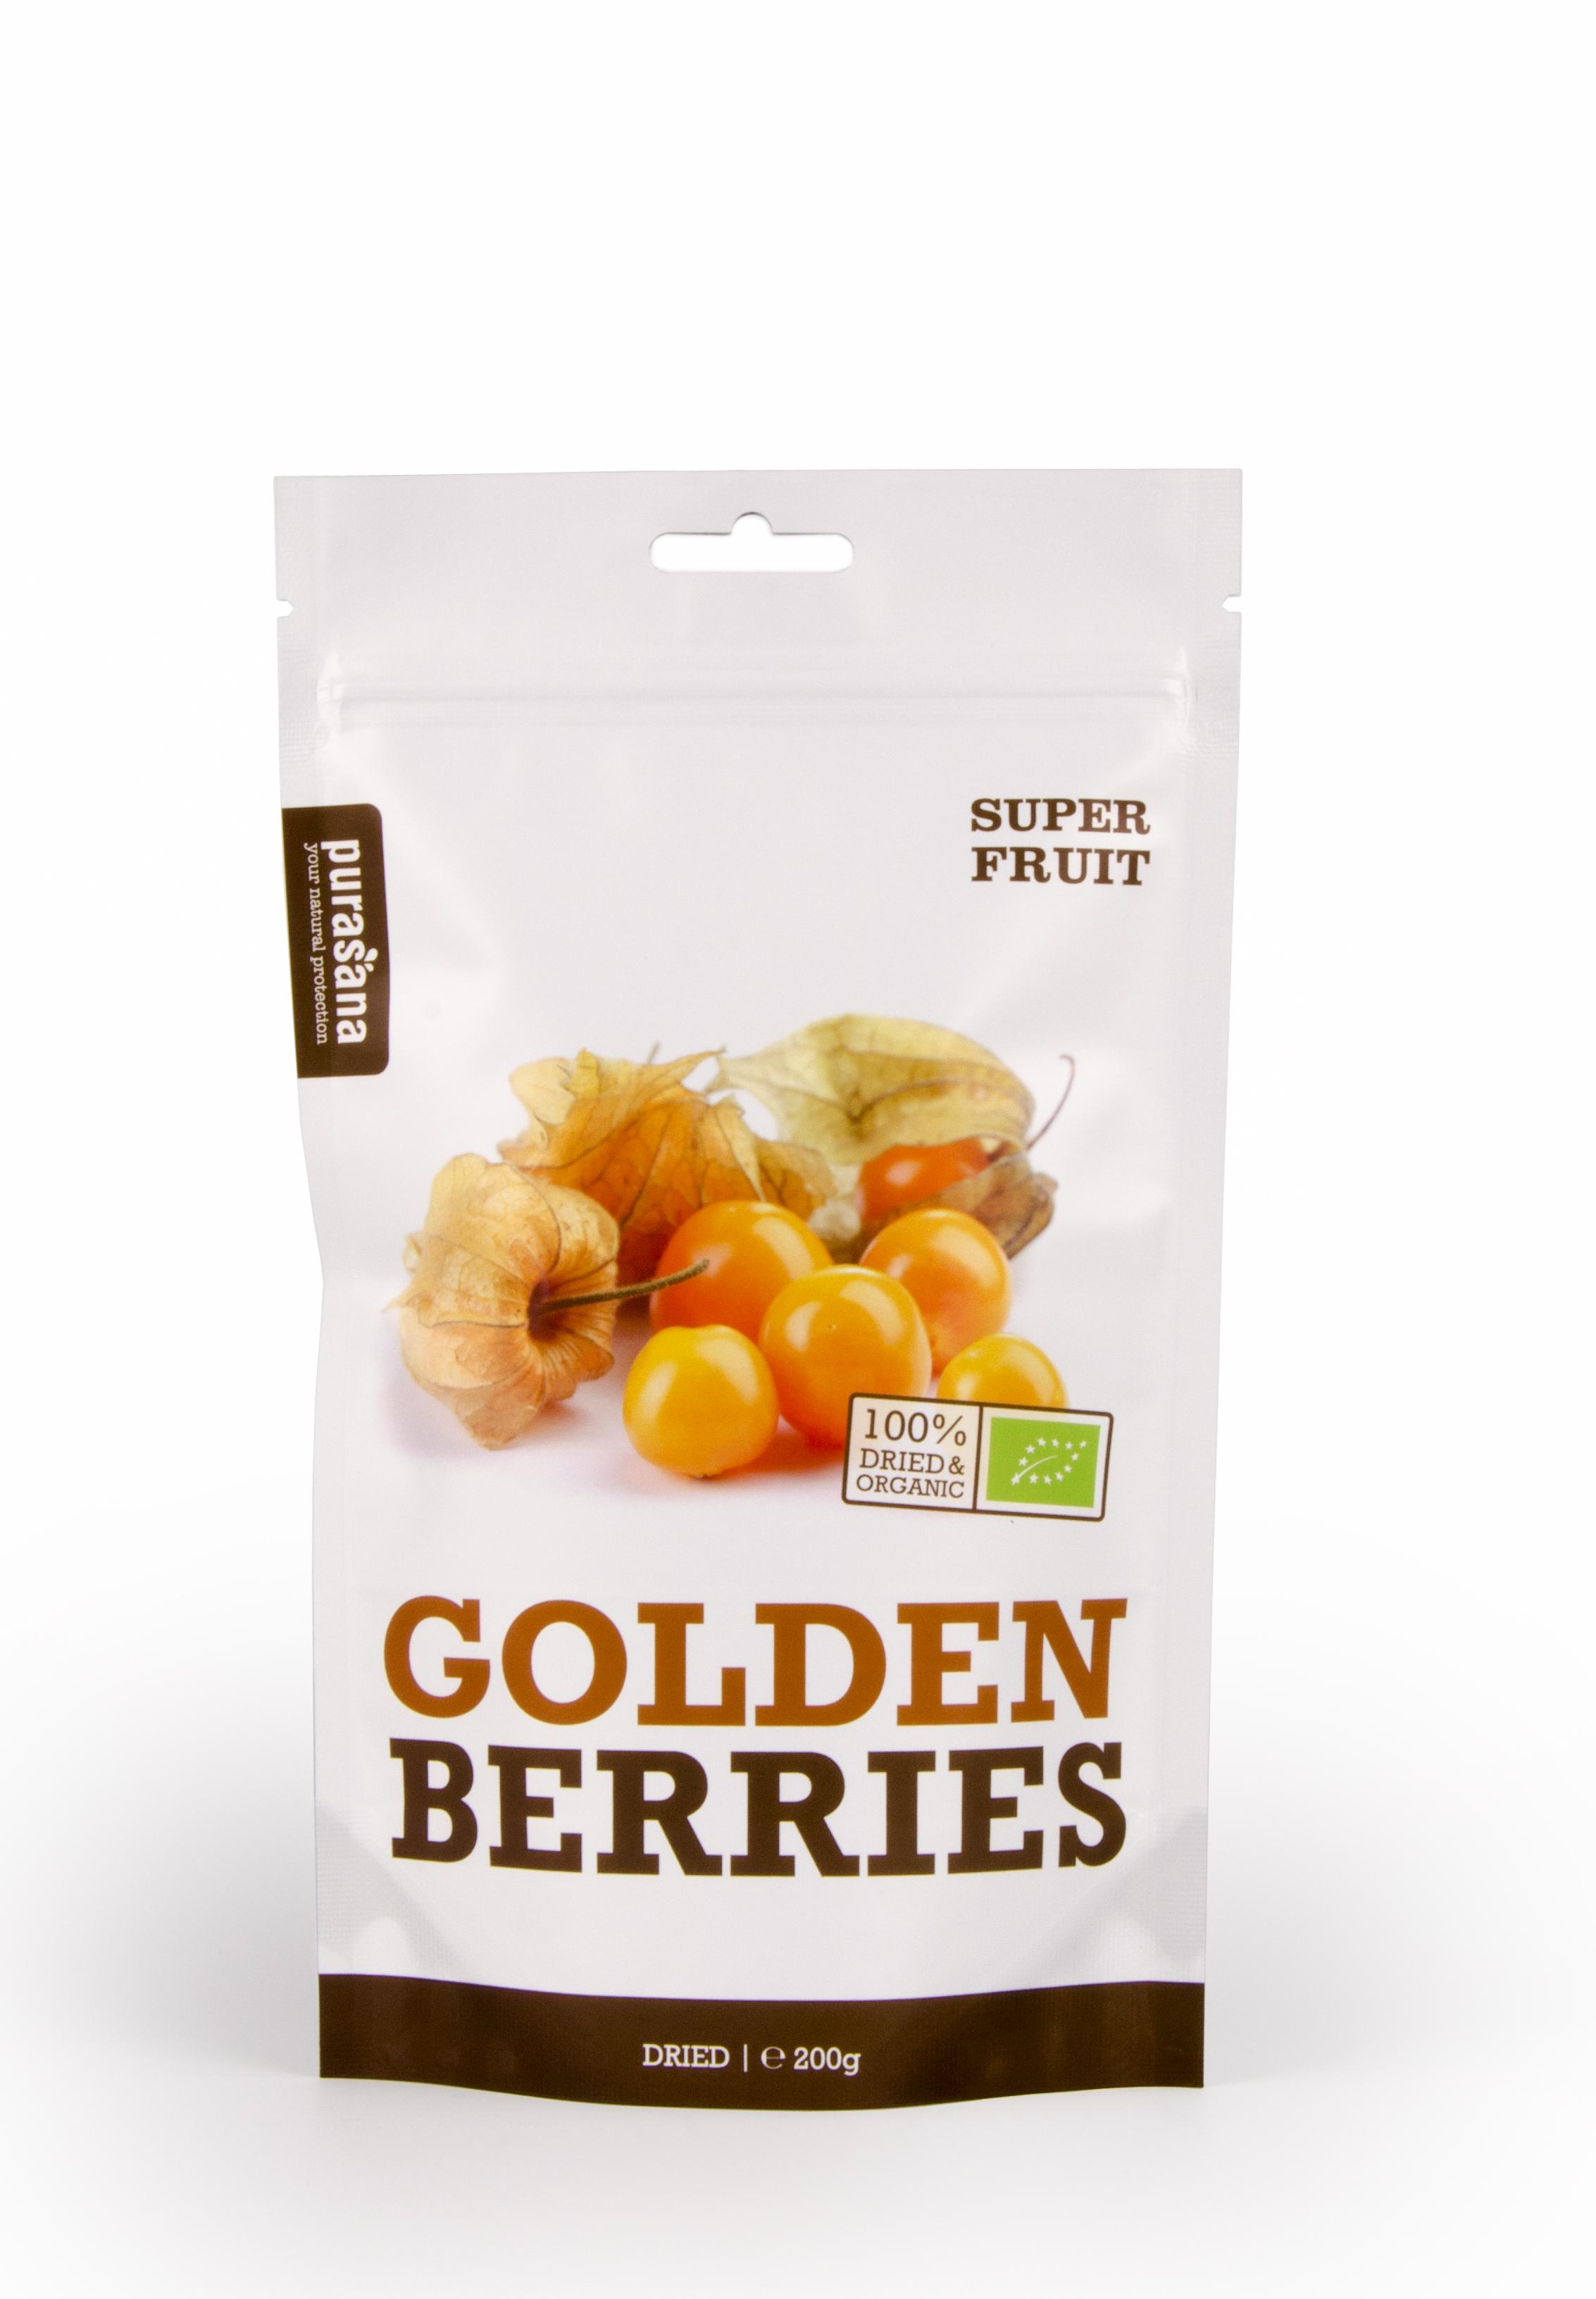 golden berries front